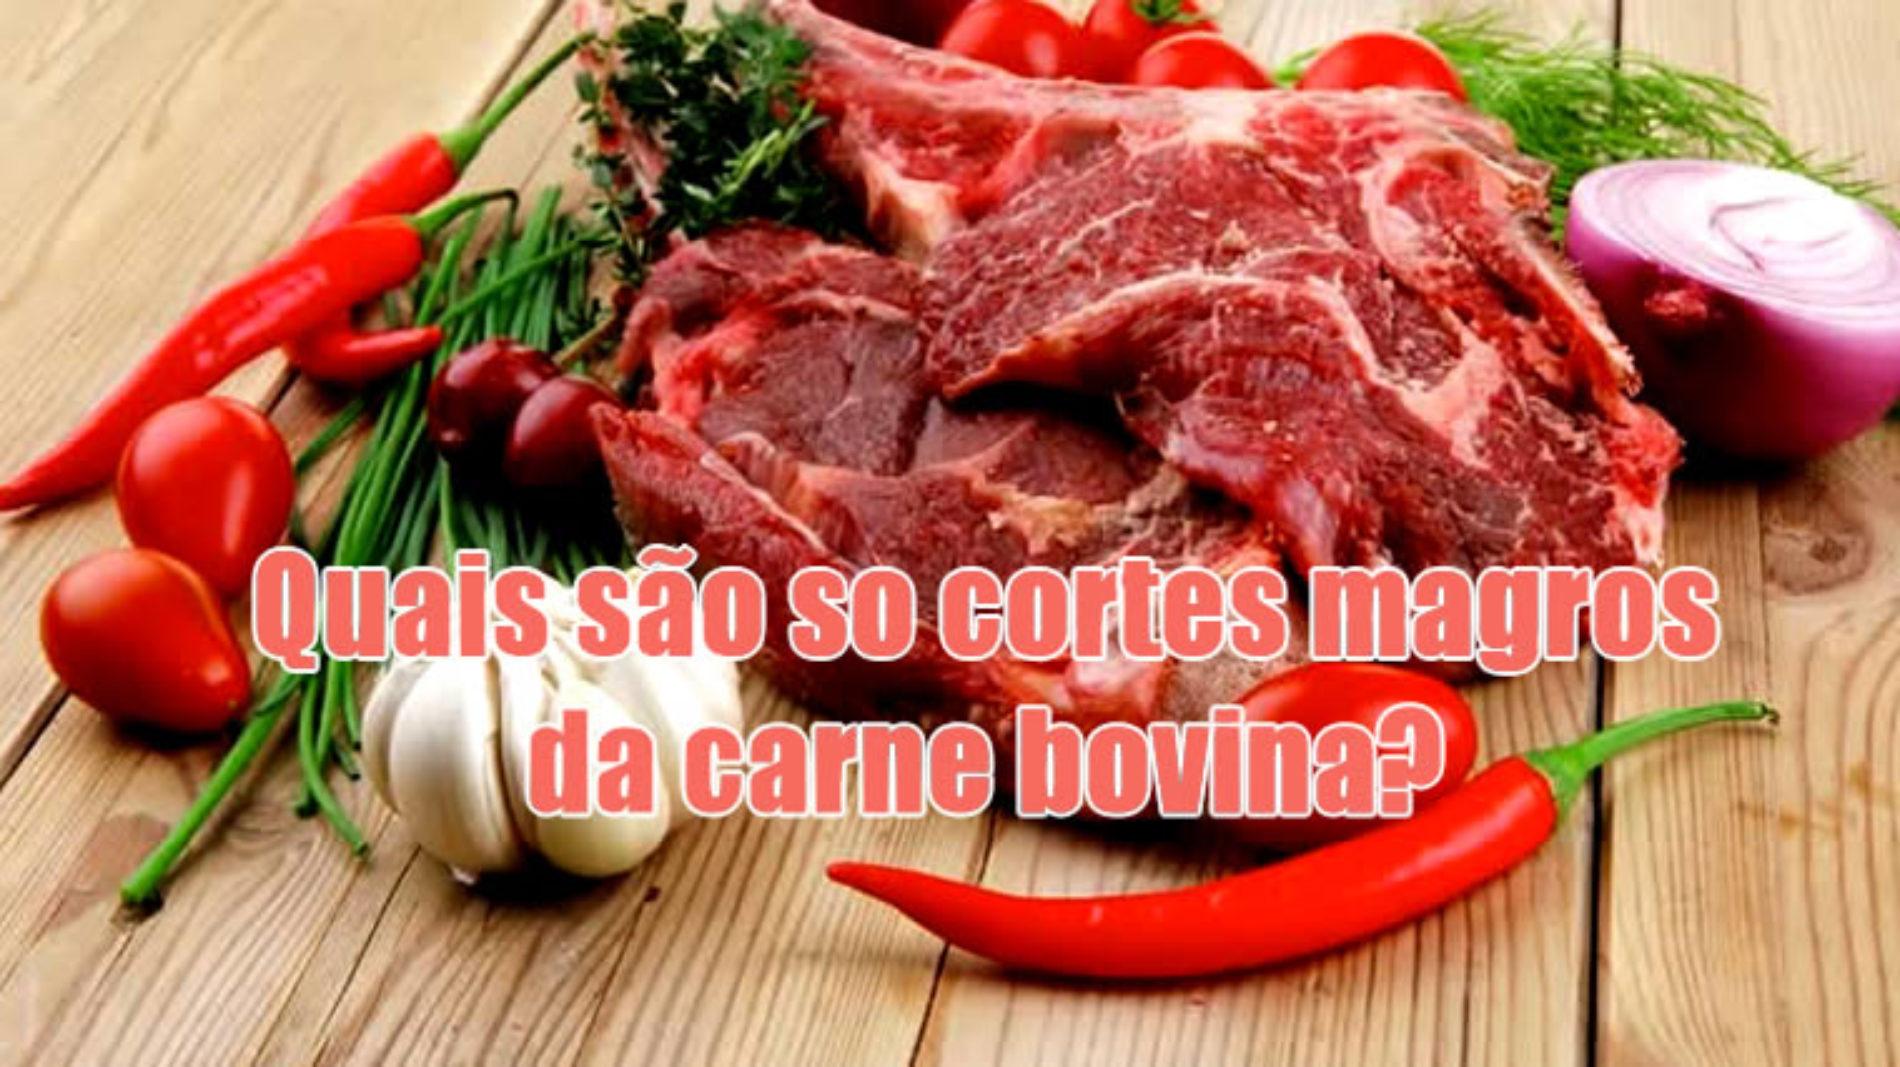 CARNE MAGRA: Saiba quais são os cortes magros da carne vermelha